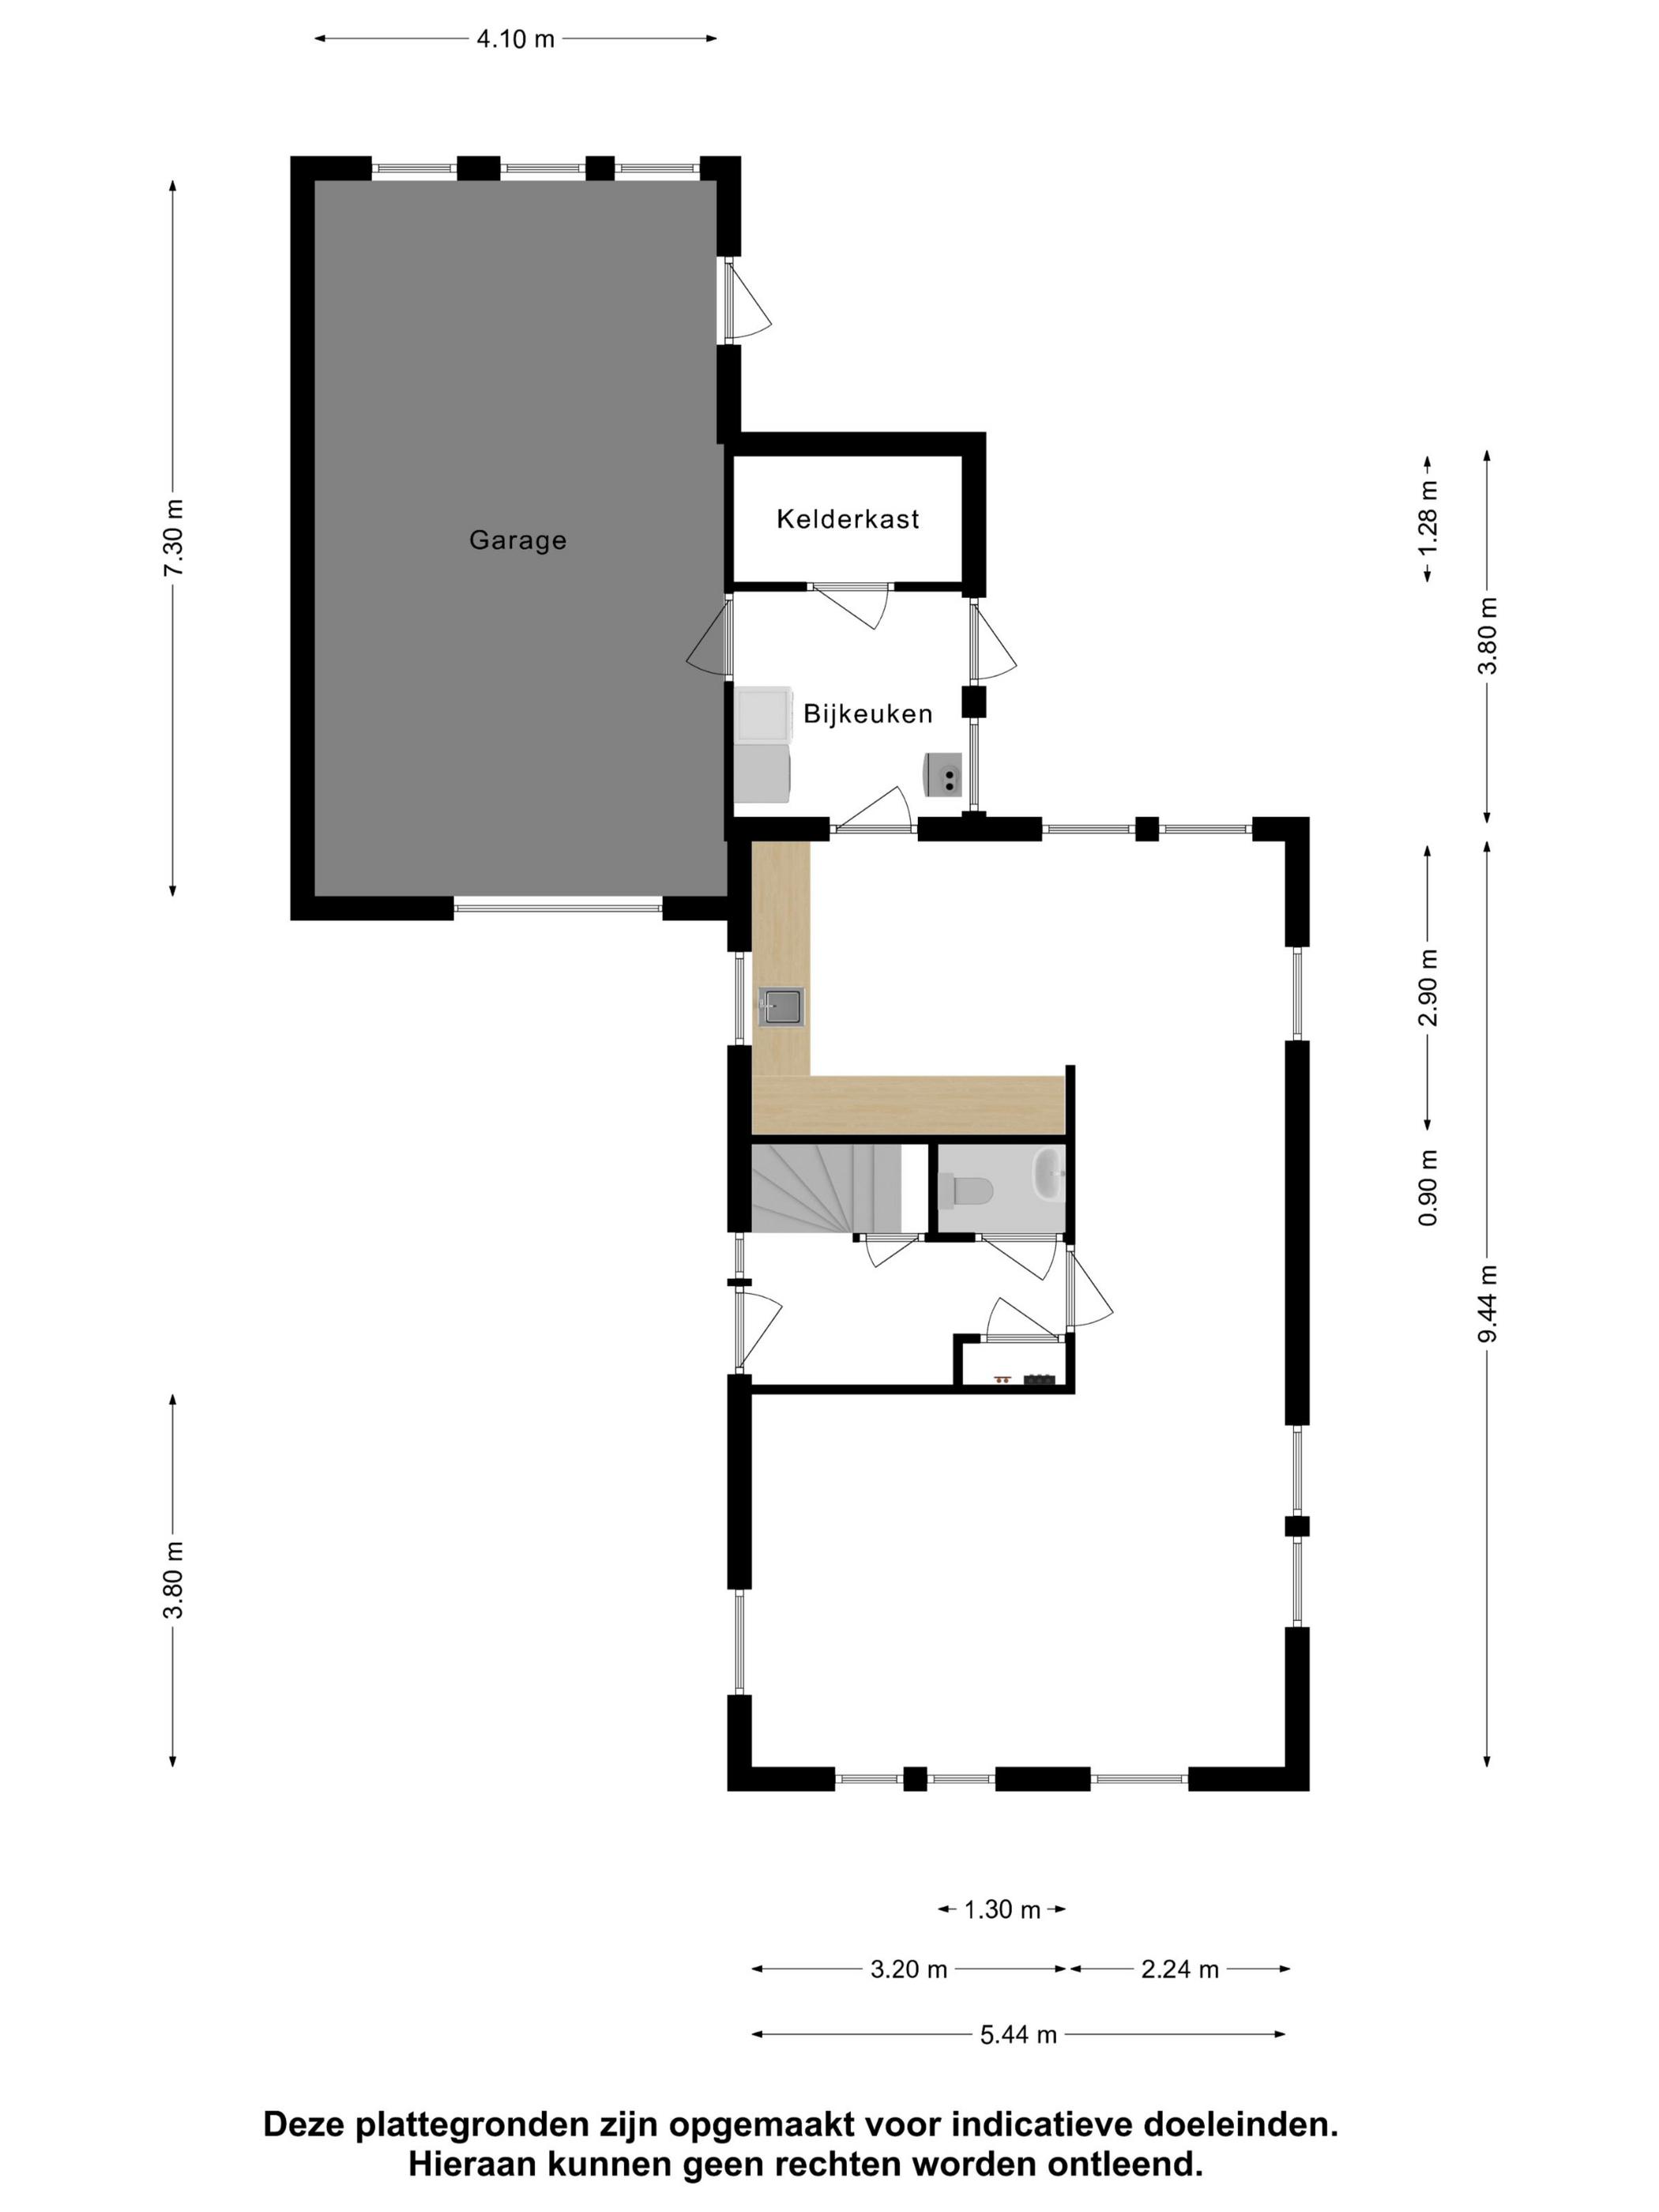 rinnert-anemastraat-3-ijlst-plattegrond-75